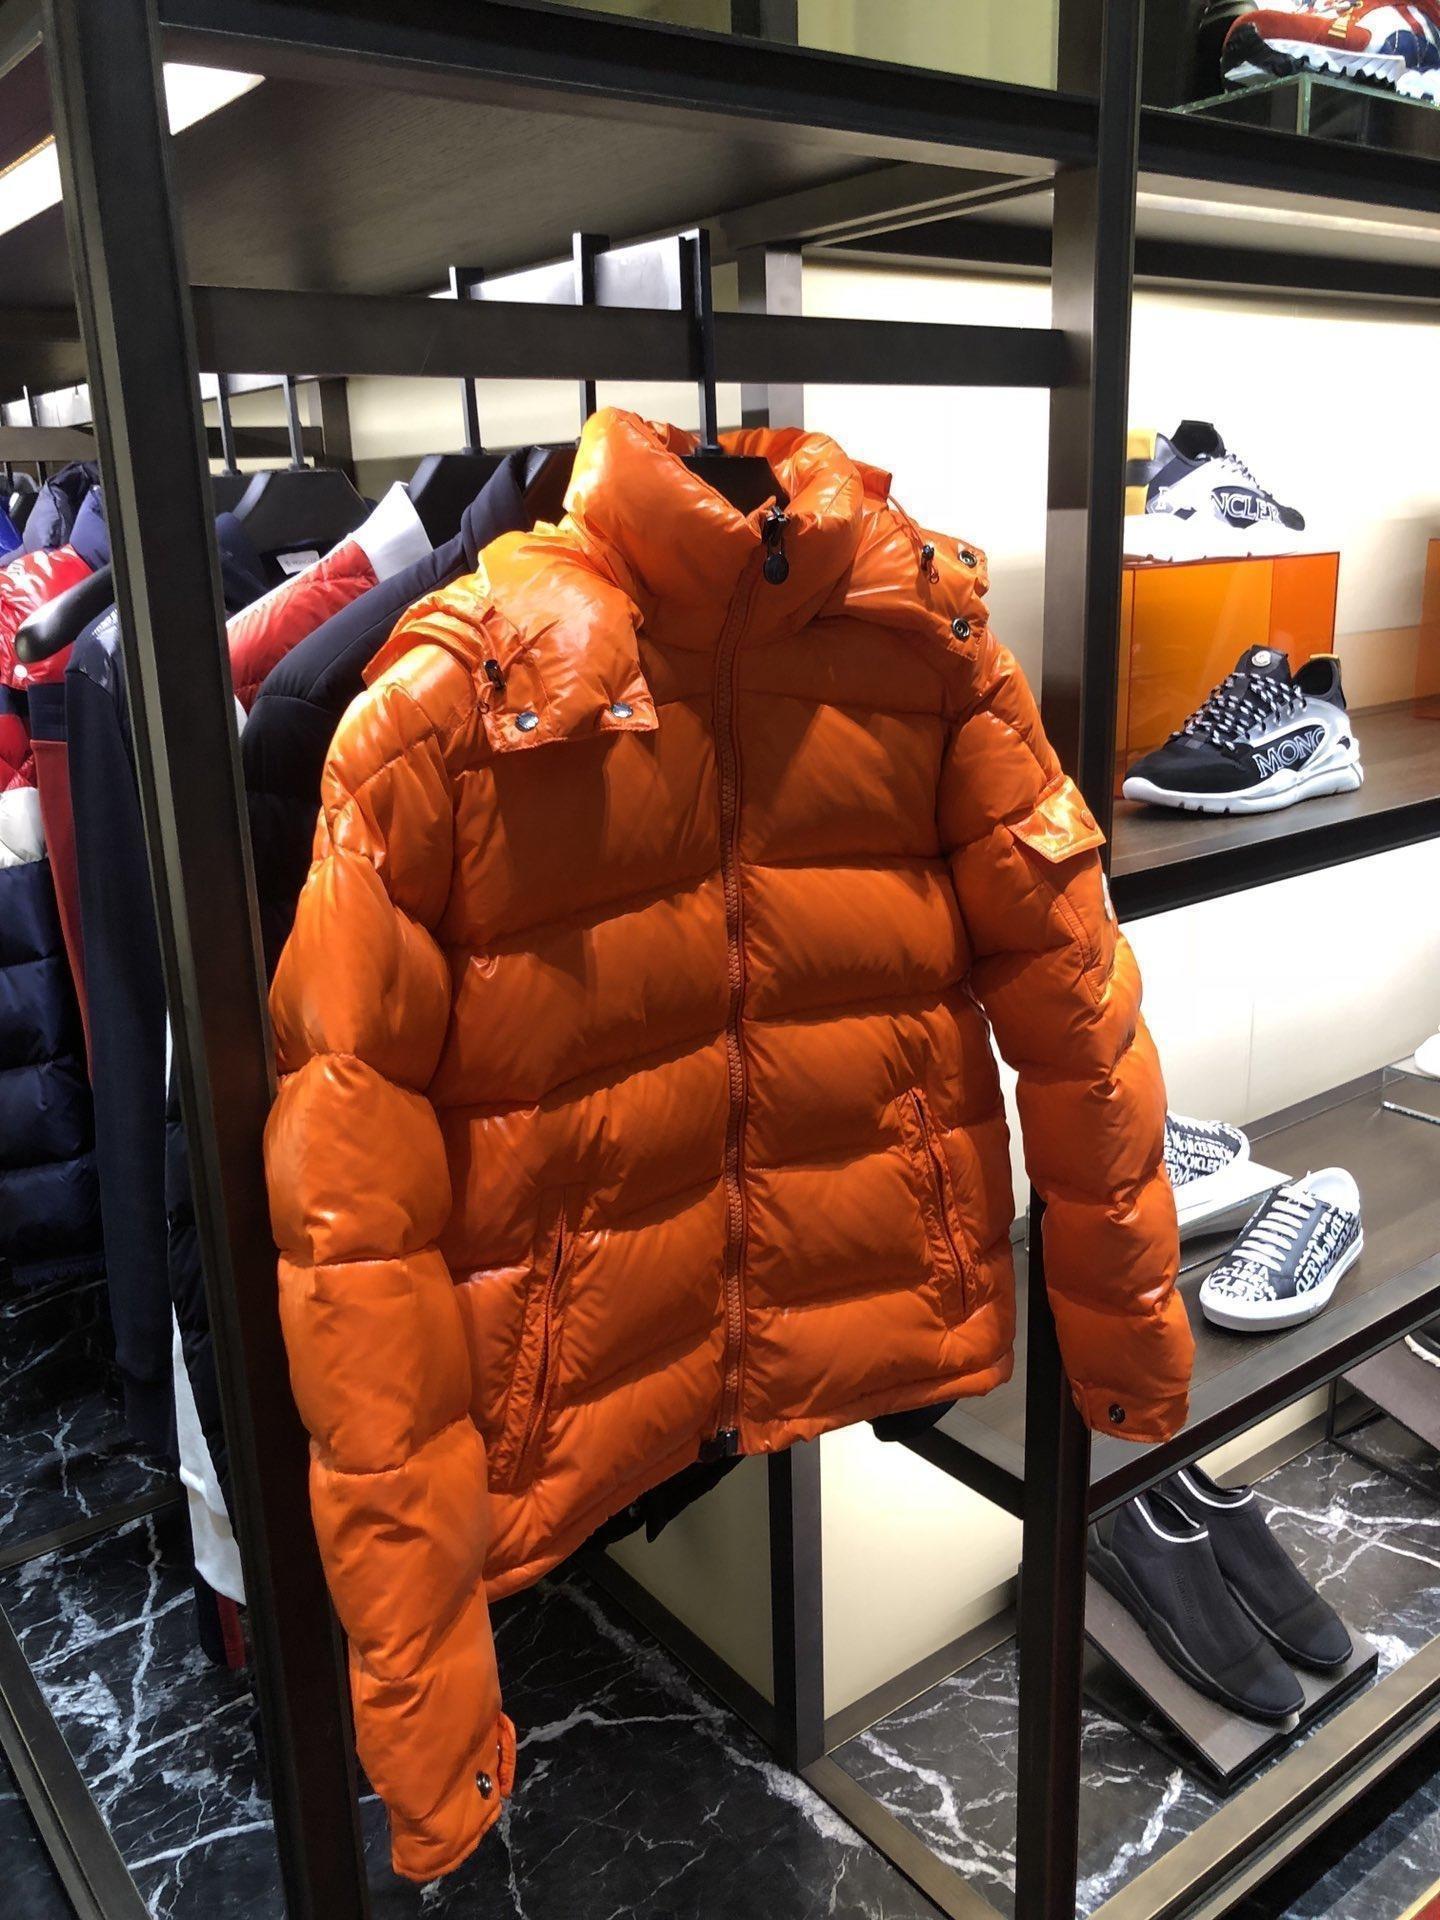 бренд одежды новые мужские сплошной цвет длинным рукавом молния куртки мужские пальто теплое пальто верхней одежды Parka куртки 8-32